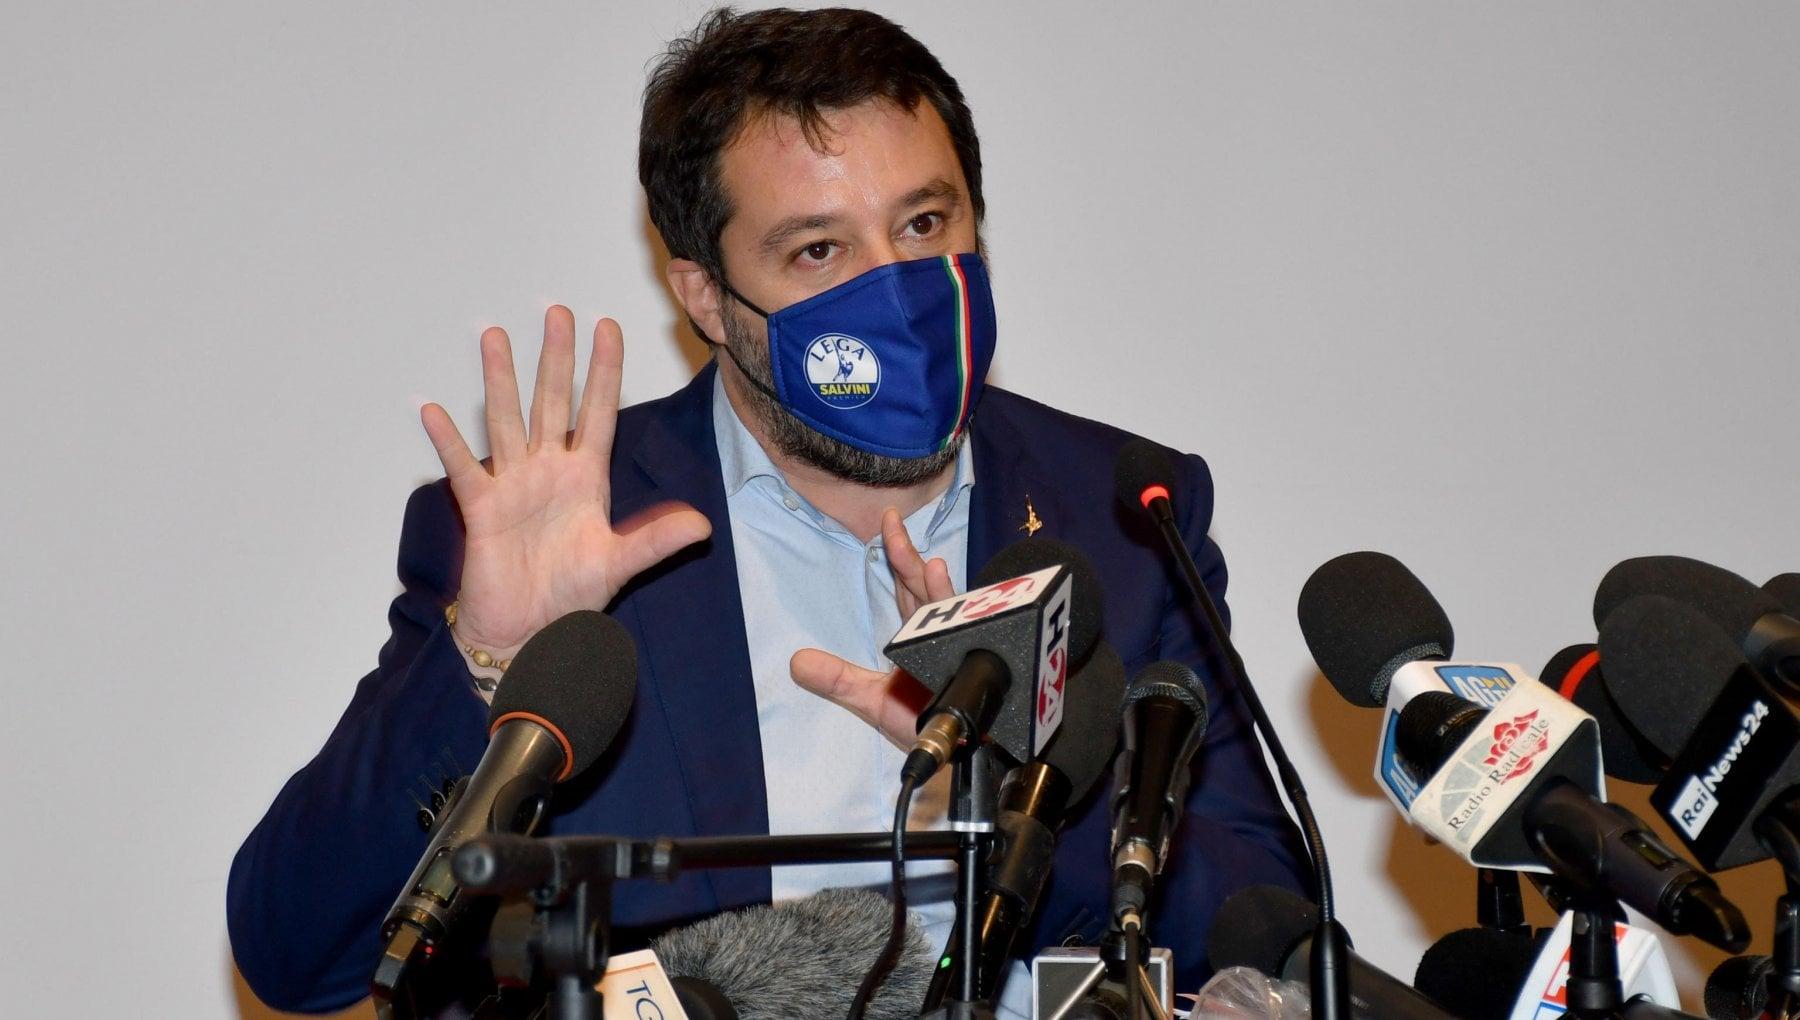 Salvini Presto alle urne con un governo di centrodestra che trovi i voti in Parlamento. Meloni Elezioni subito